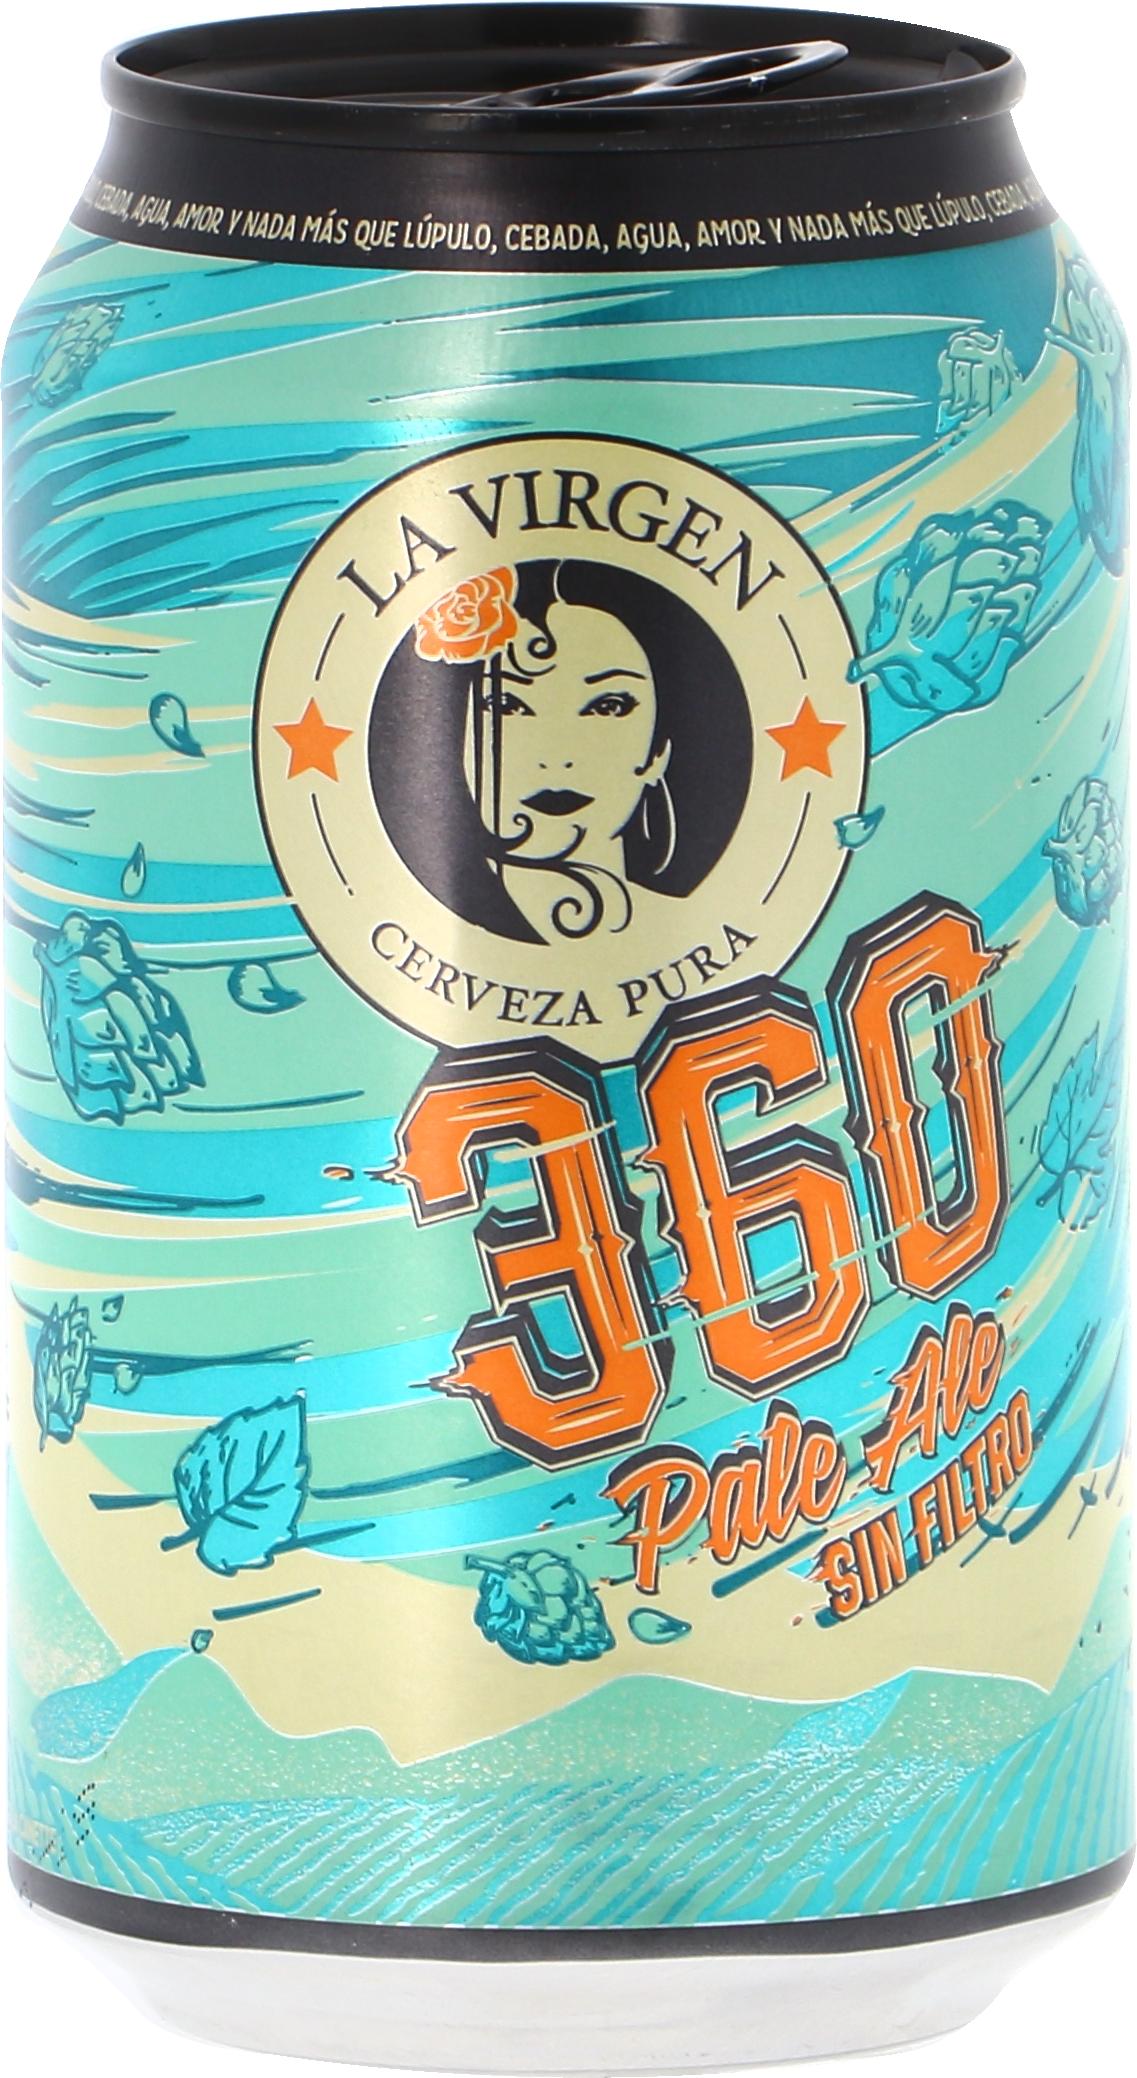 La Virgen 360 - Canette